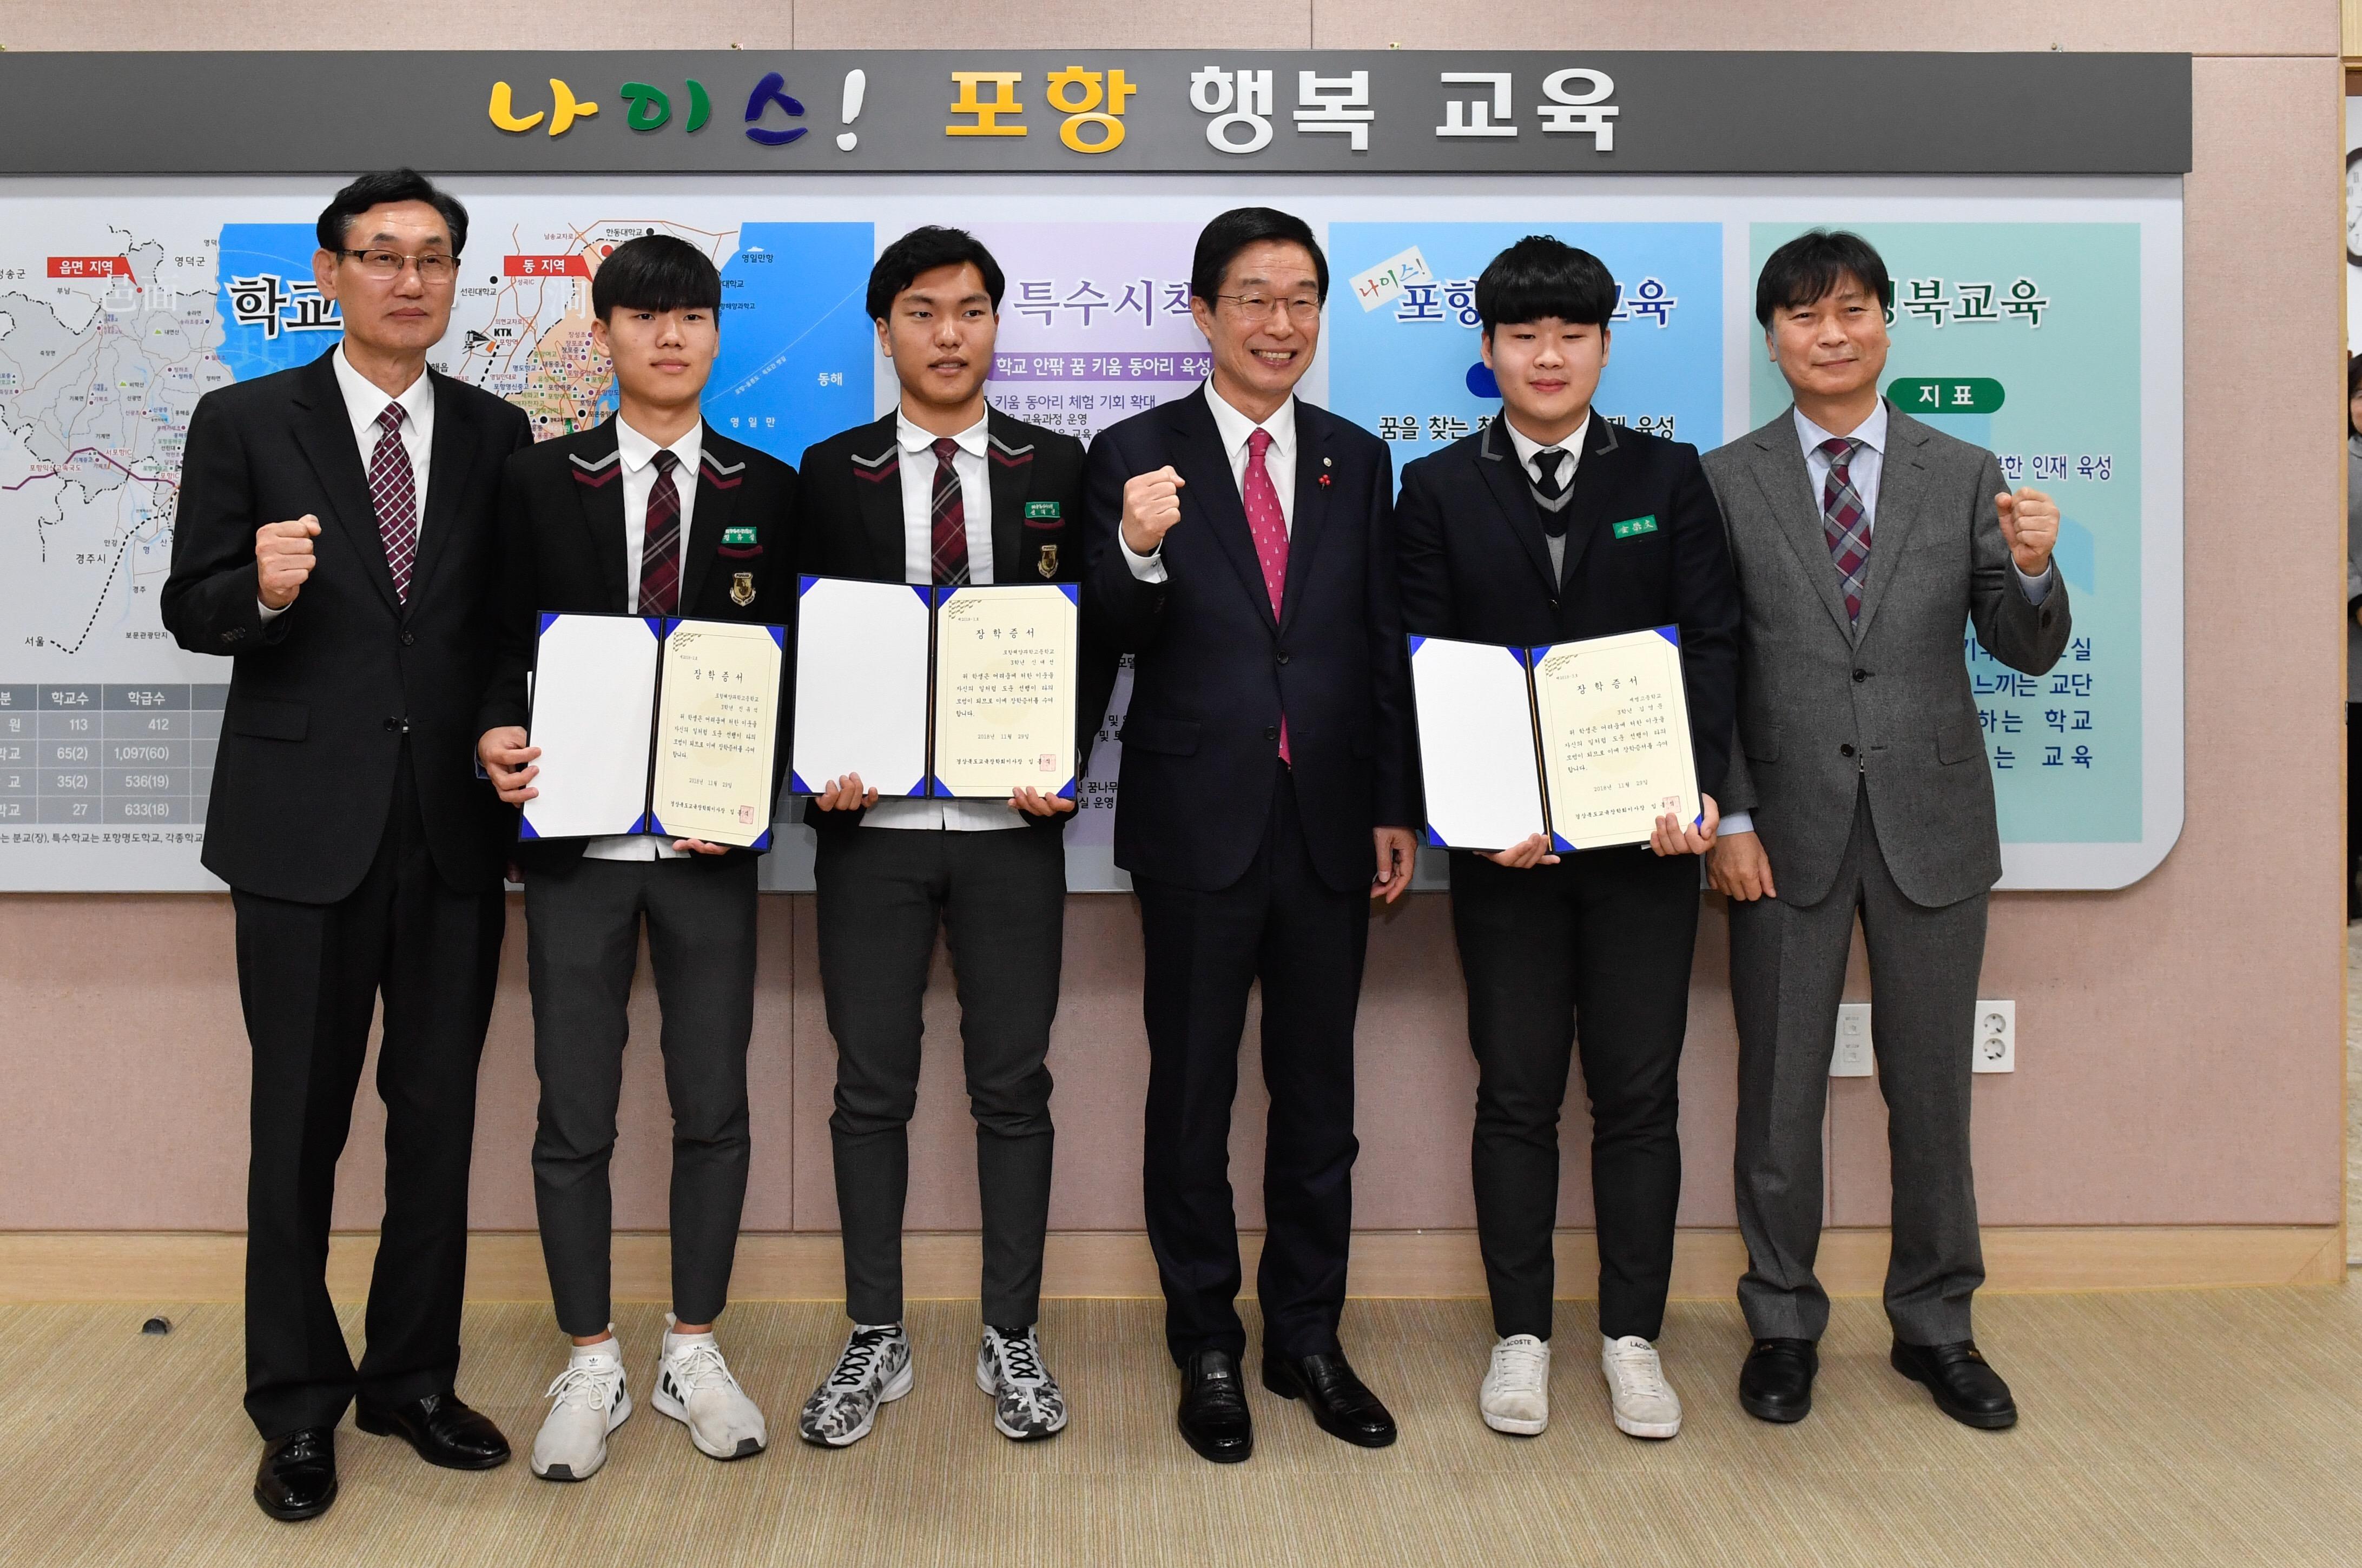 경북교육청, 다친 행인 도운 포항 고교생에 장학금 전달